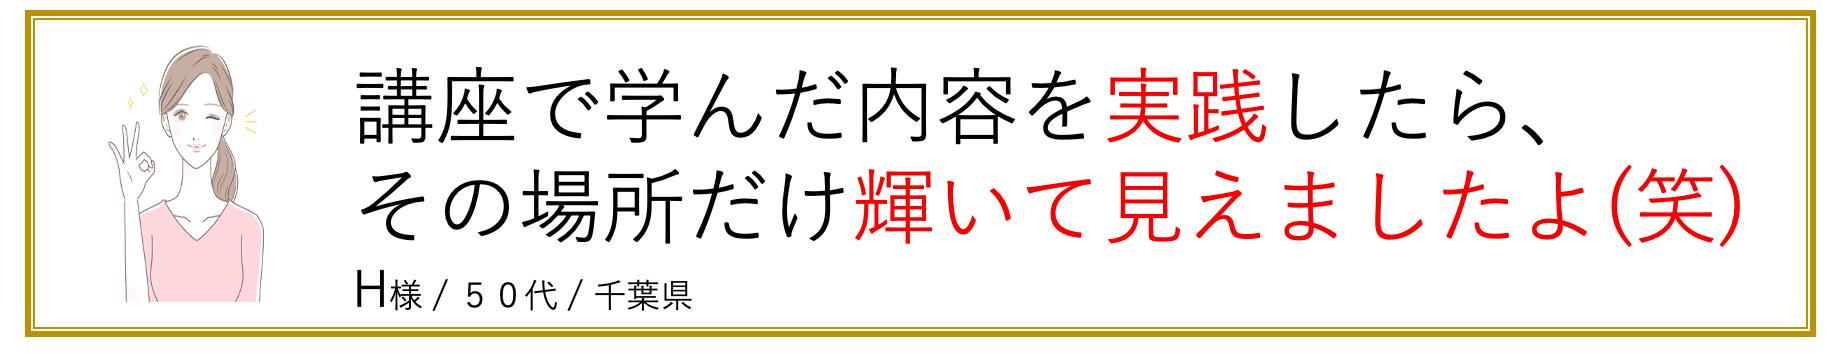 スクリーンショット 0003-06-14 15.30.01.png